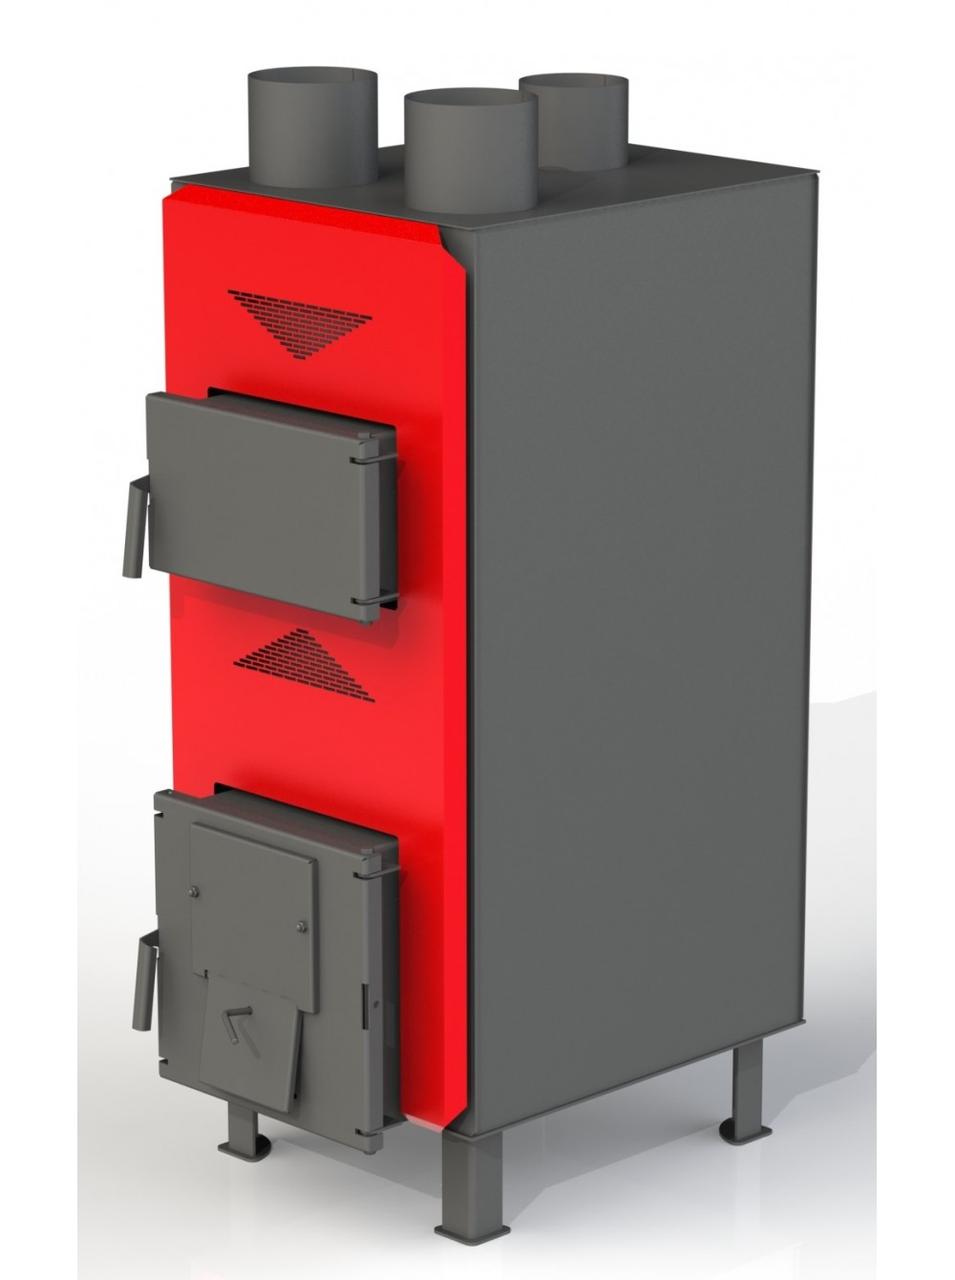 Теплогенератор Dragon ТТГ-РТ 25 кВт (6-2мм) твердотопливный воздушного отопления из котловой стали